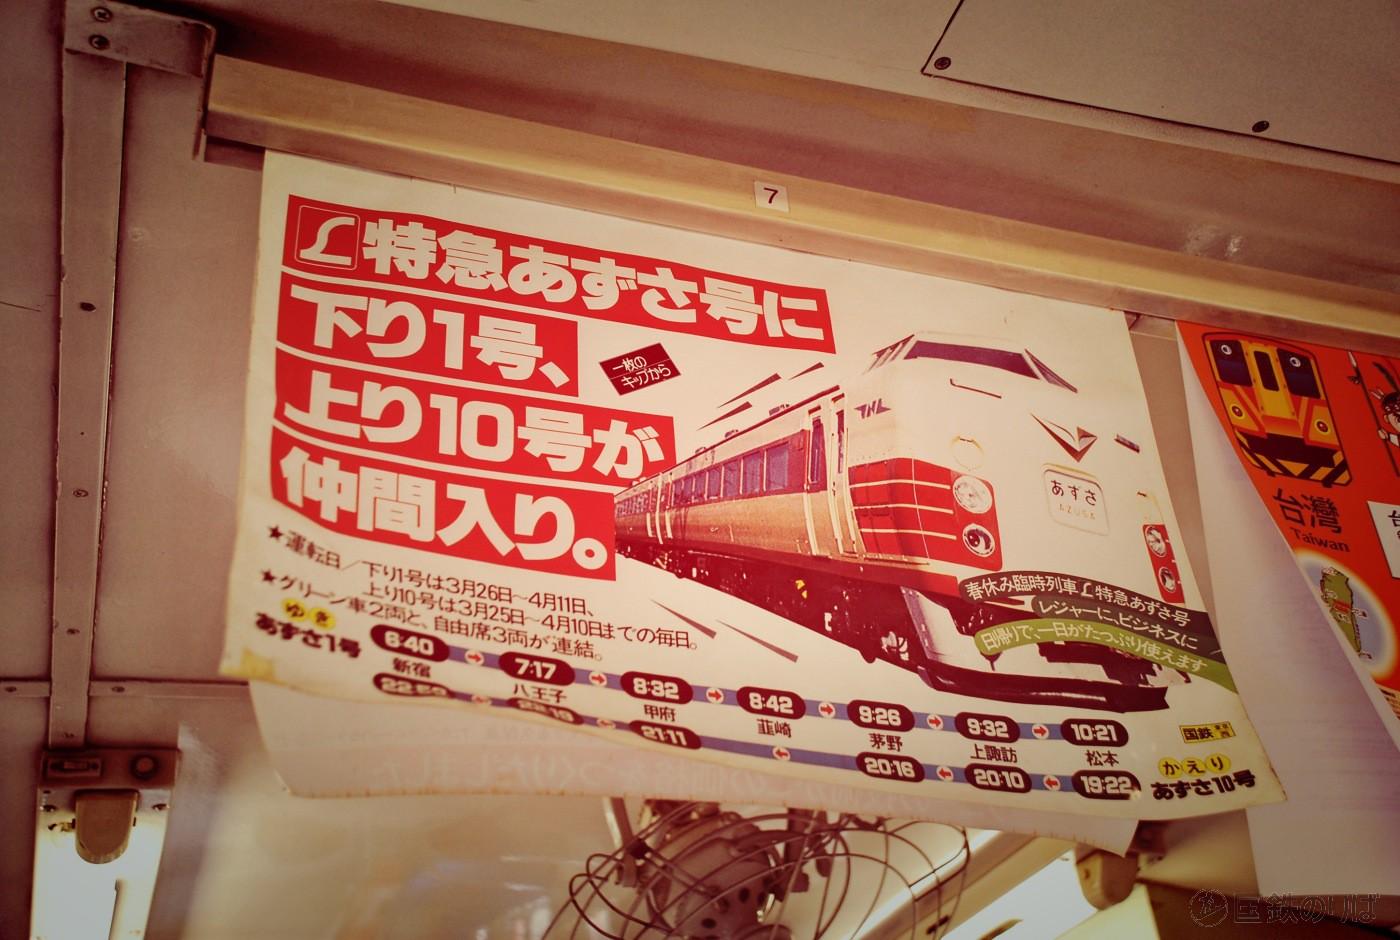 鳥塚コレクションの国鉄中吊り広告。